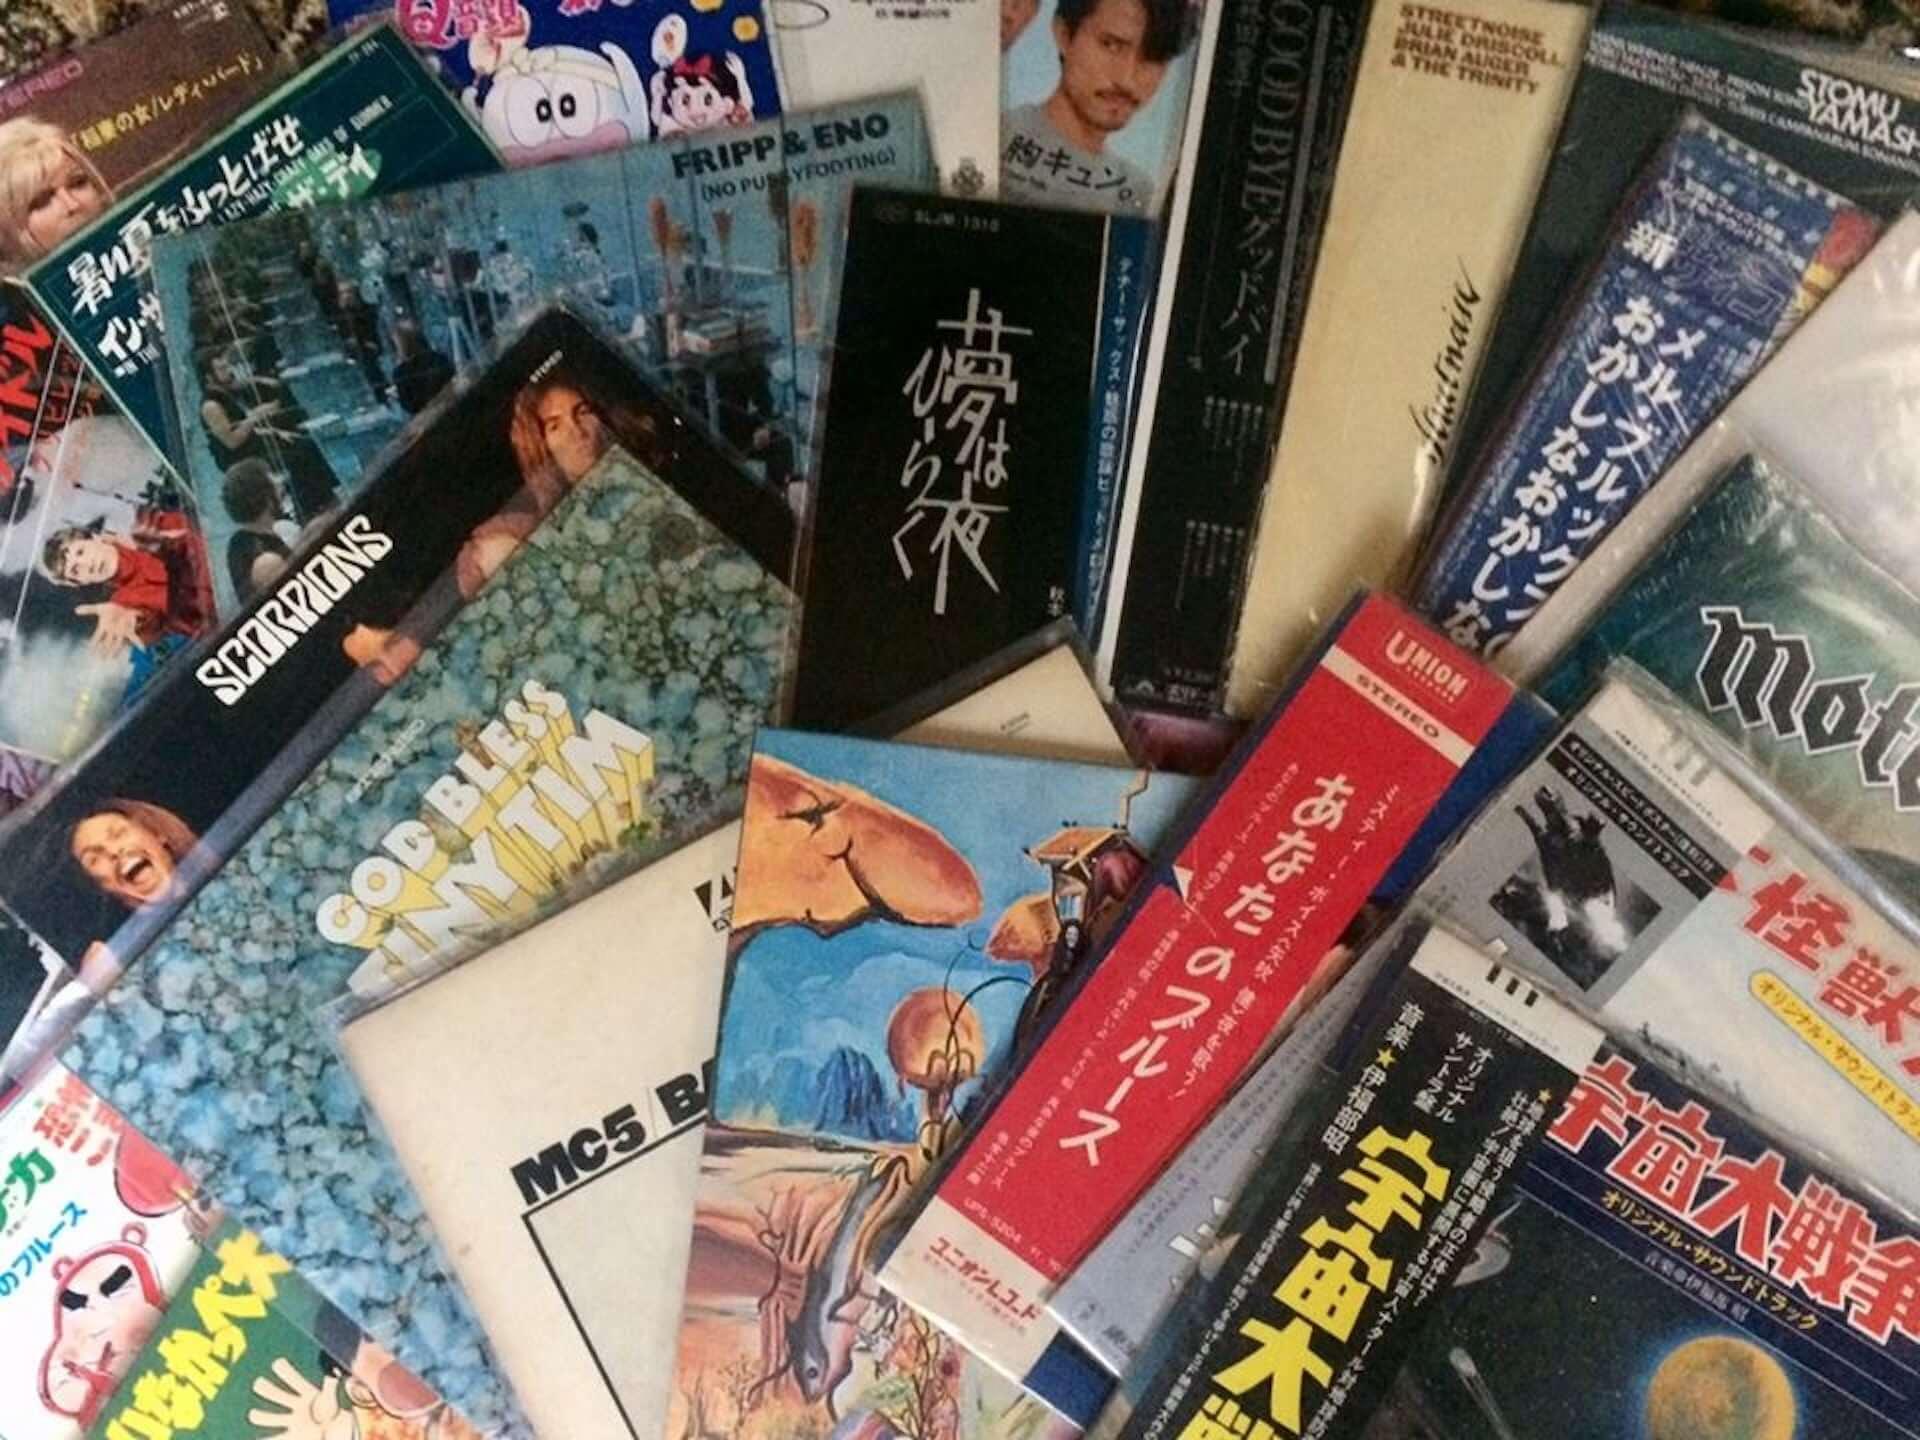 遠藤賢司の<エンケン商店 ENKEN 何でも古具店>が新宿ビームスジャパンにて開催!レアで通好みな収集品販売 art200325_enken_popup_3-1920x1440